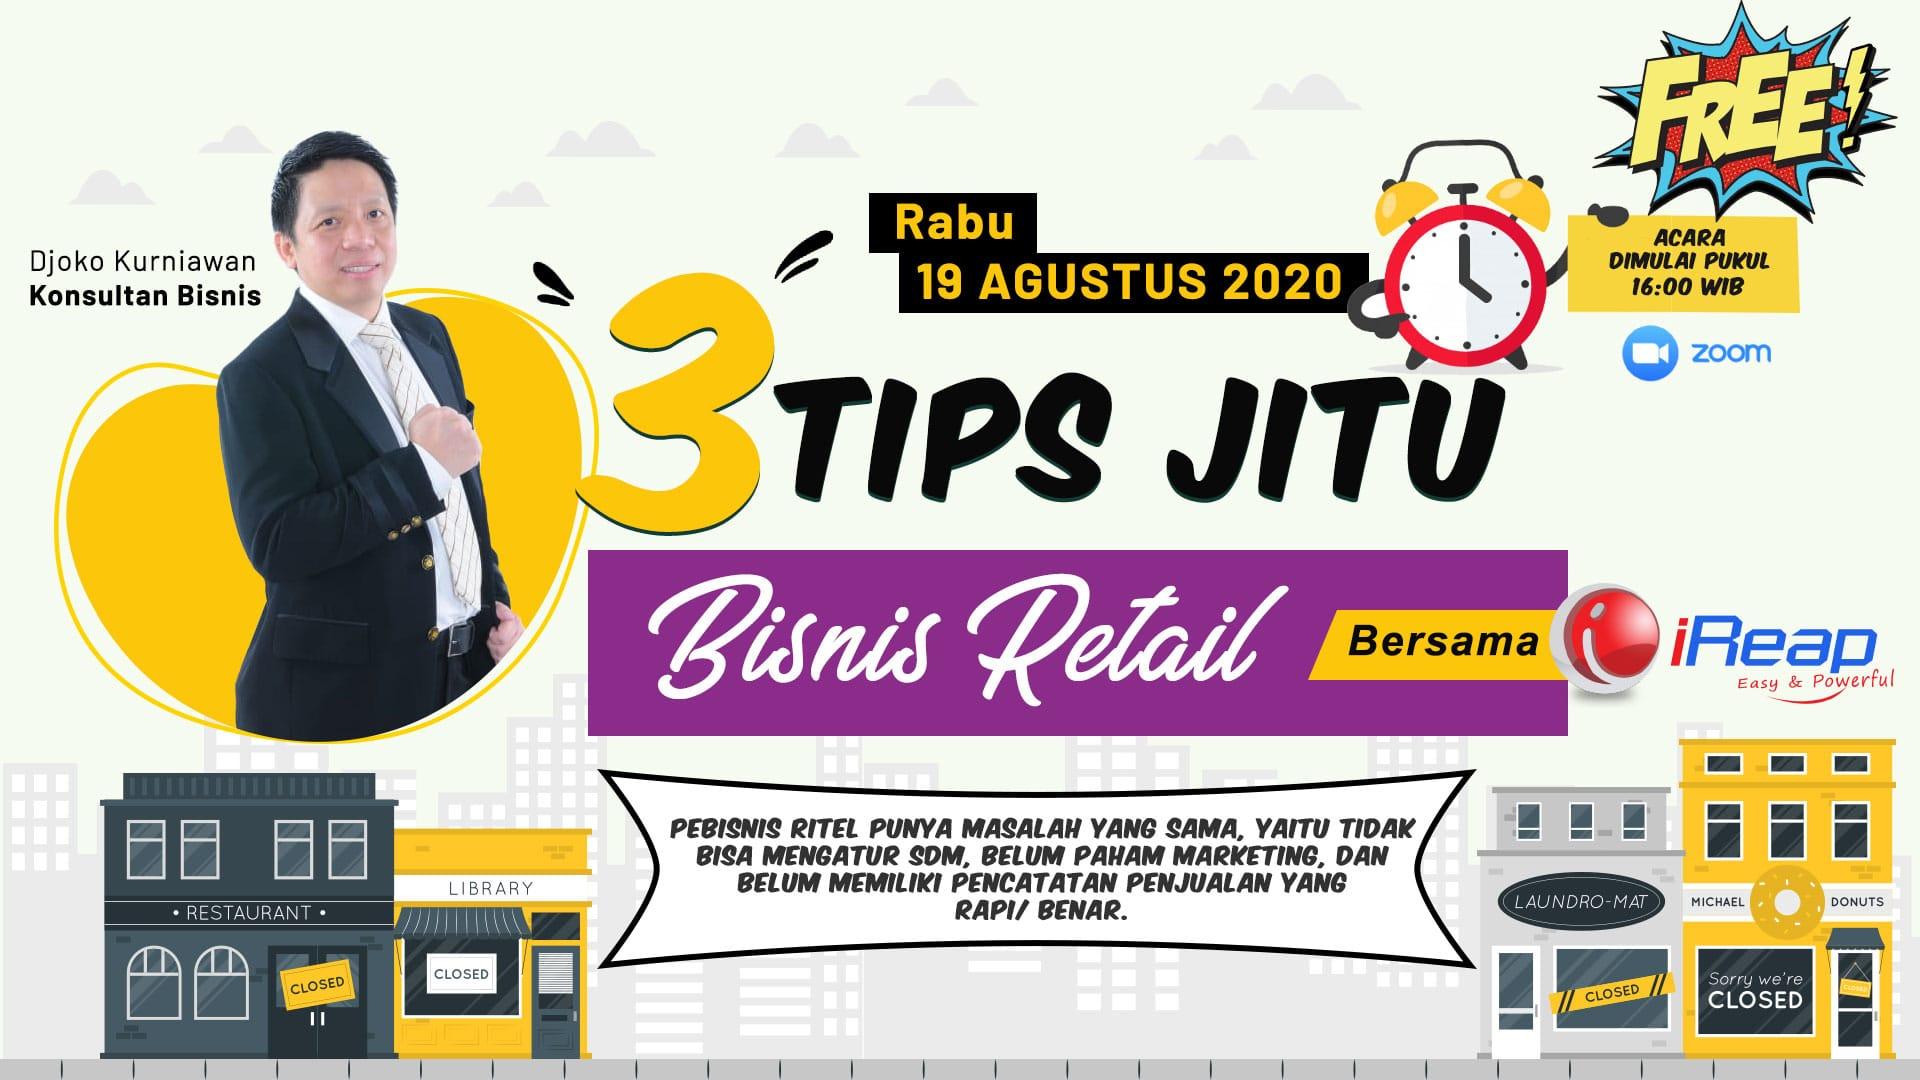 3-tips-jitu-bisnis-retail